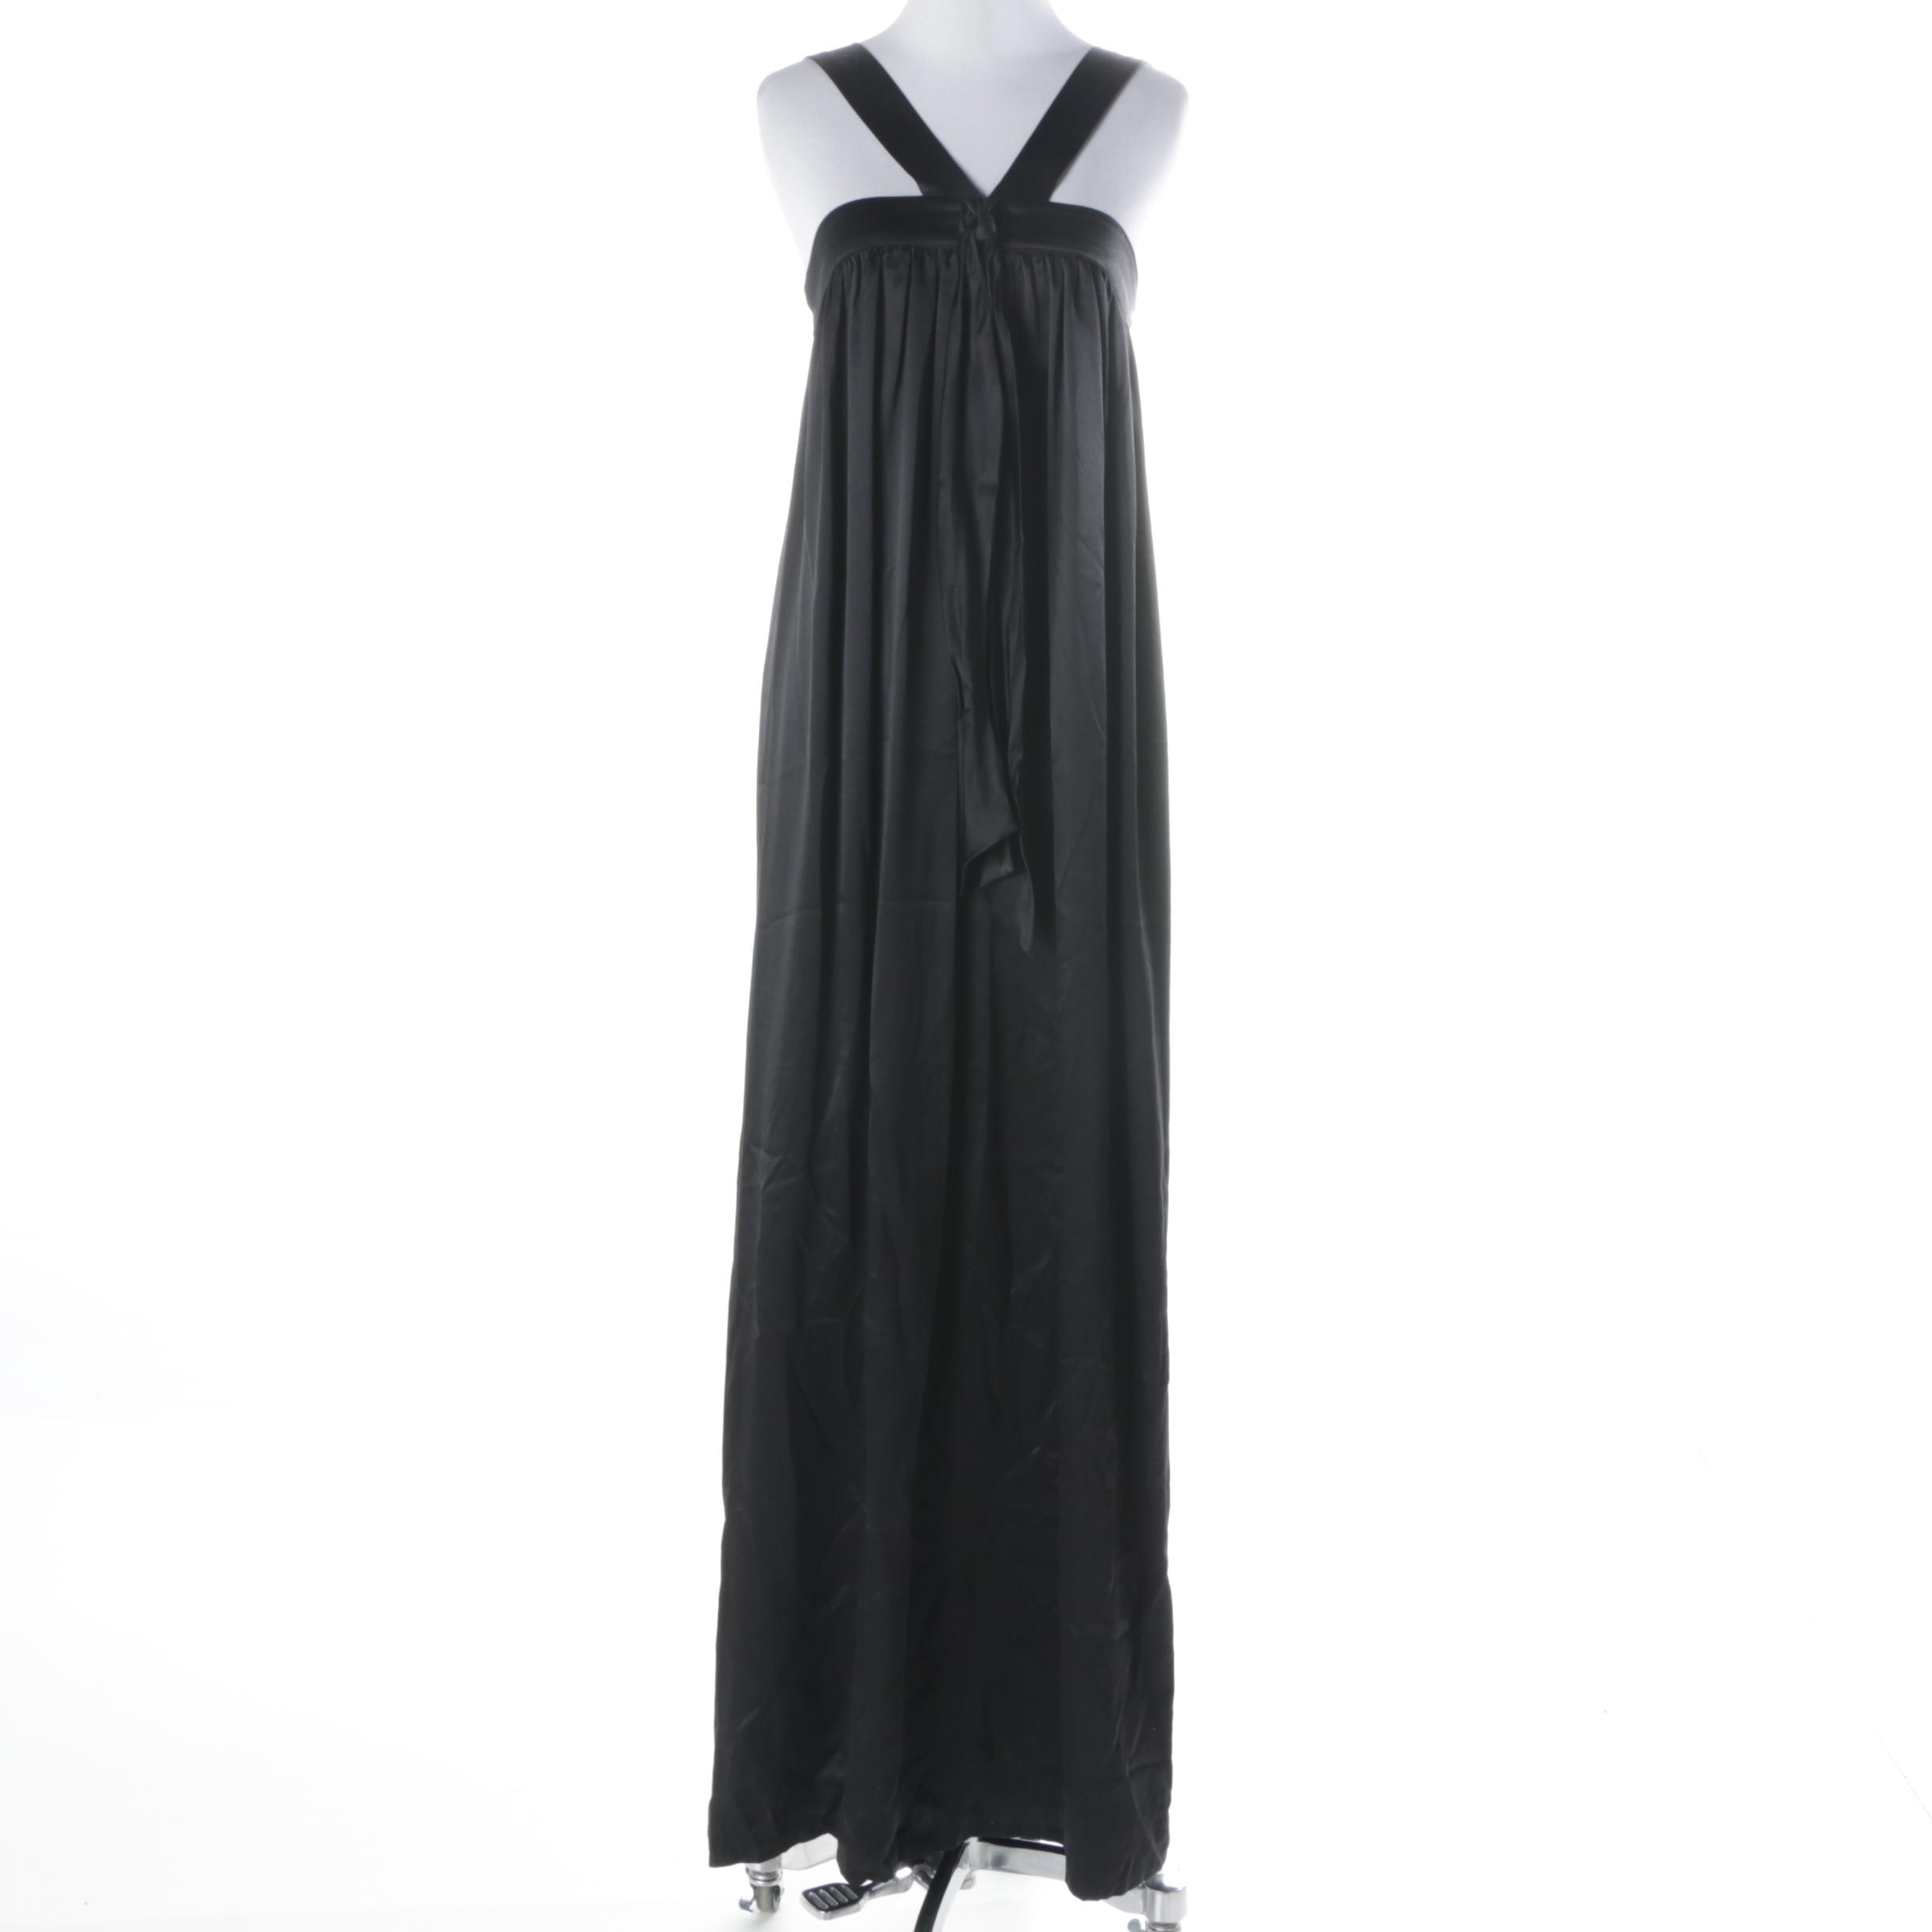 Katy Rodriguez Sleeveless Satin Maxi Dress